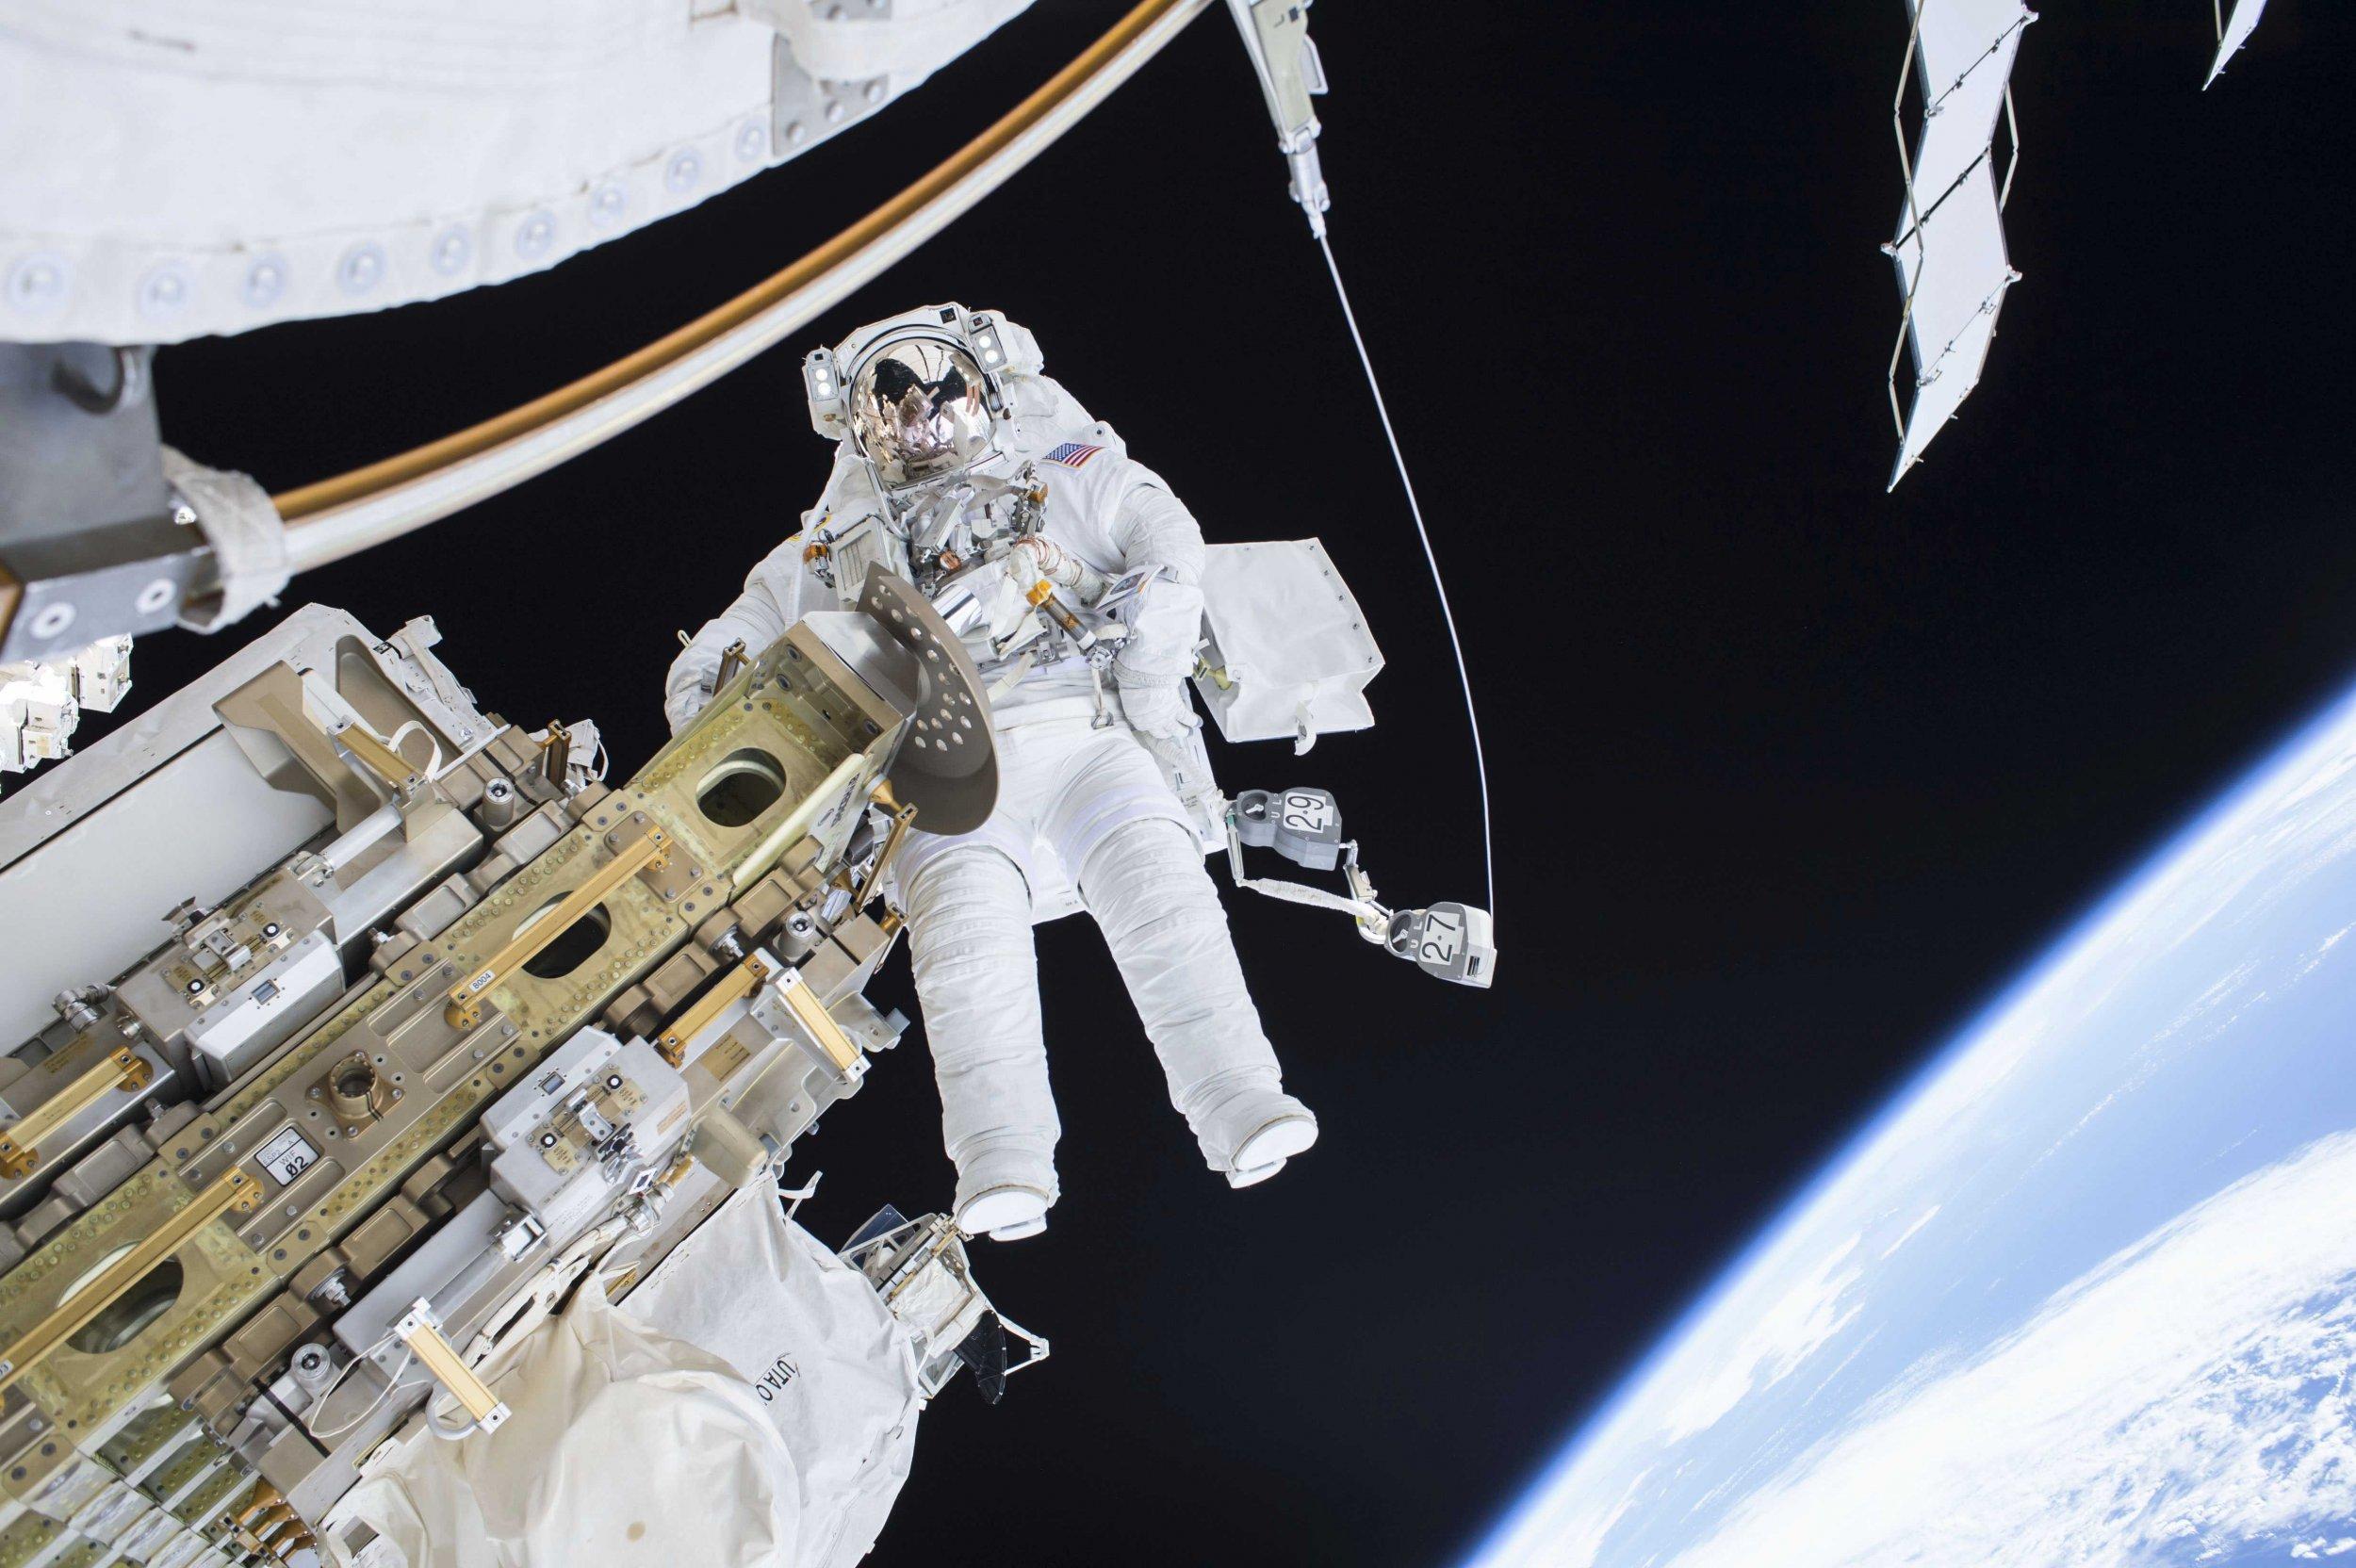 2015-12-22T184538Z_1003045057_TM3EBCM127001_RTRMADP_3_NASA-ISS